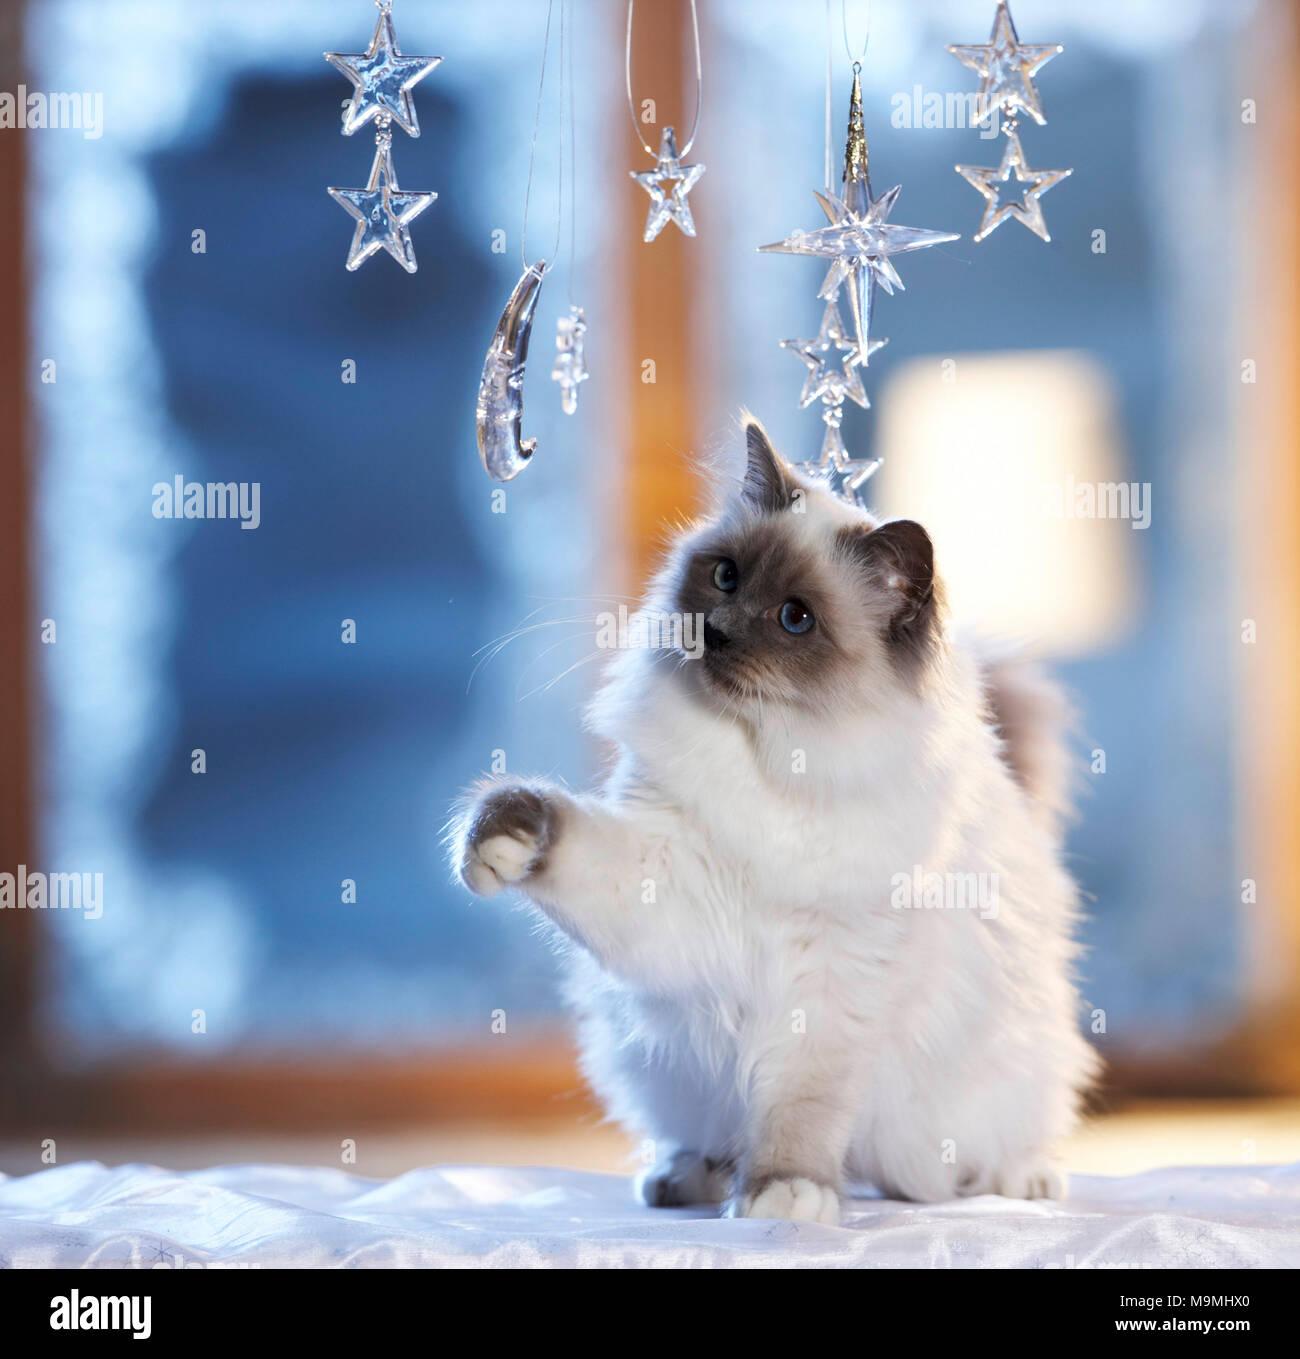 Navidad: gato sagrado de Birmania jugando con la luna y las estrellas de vidrio en una festiva ventana decorada. Alemania Imagen De Stock